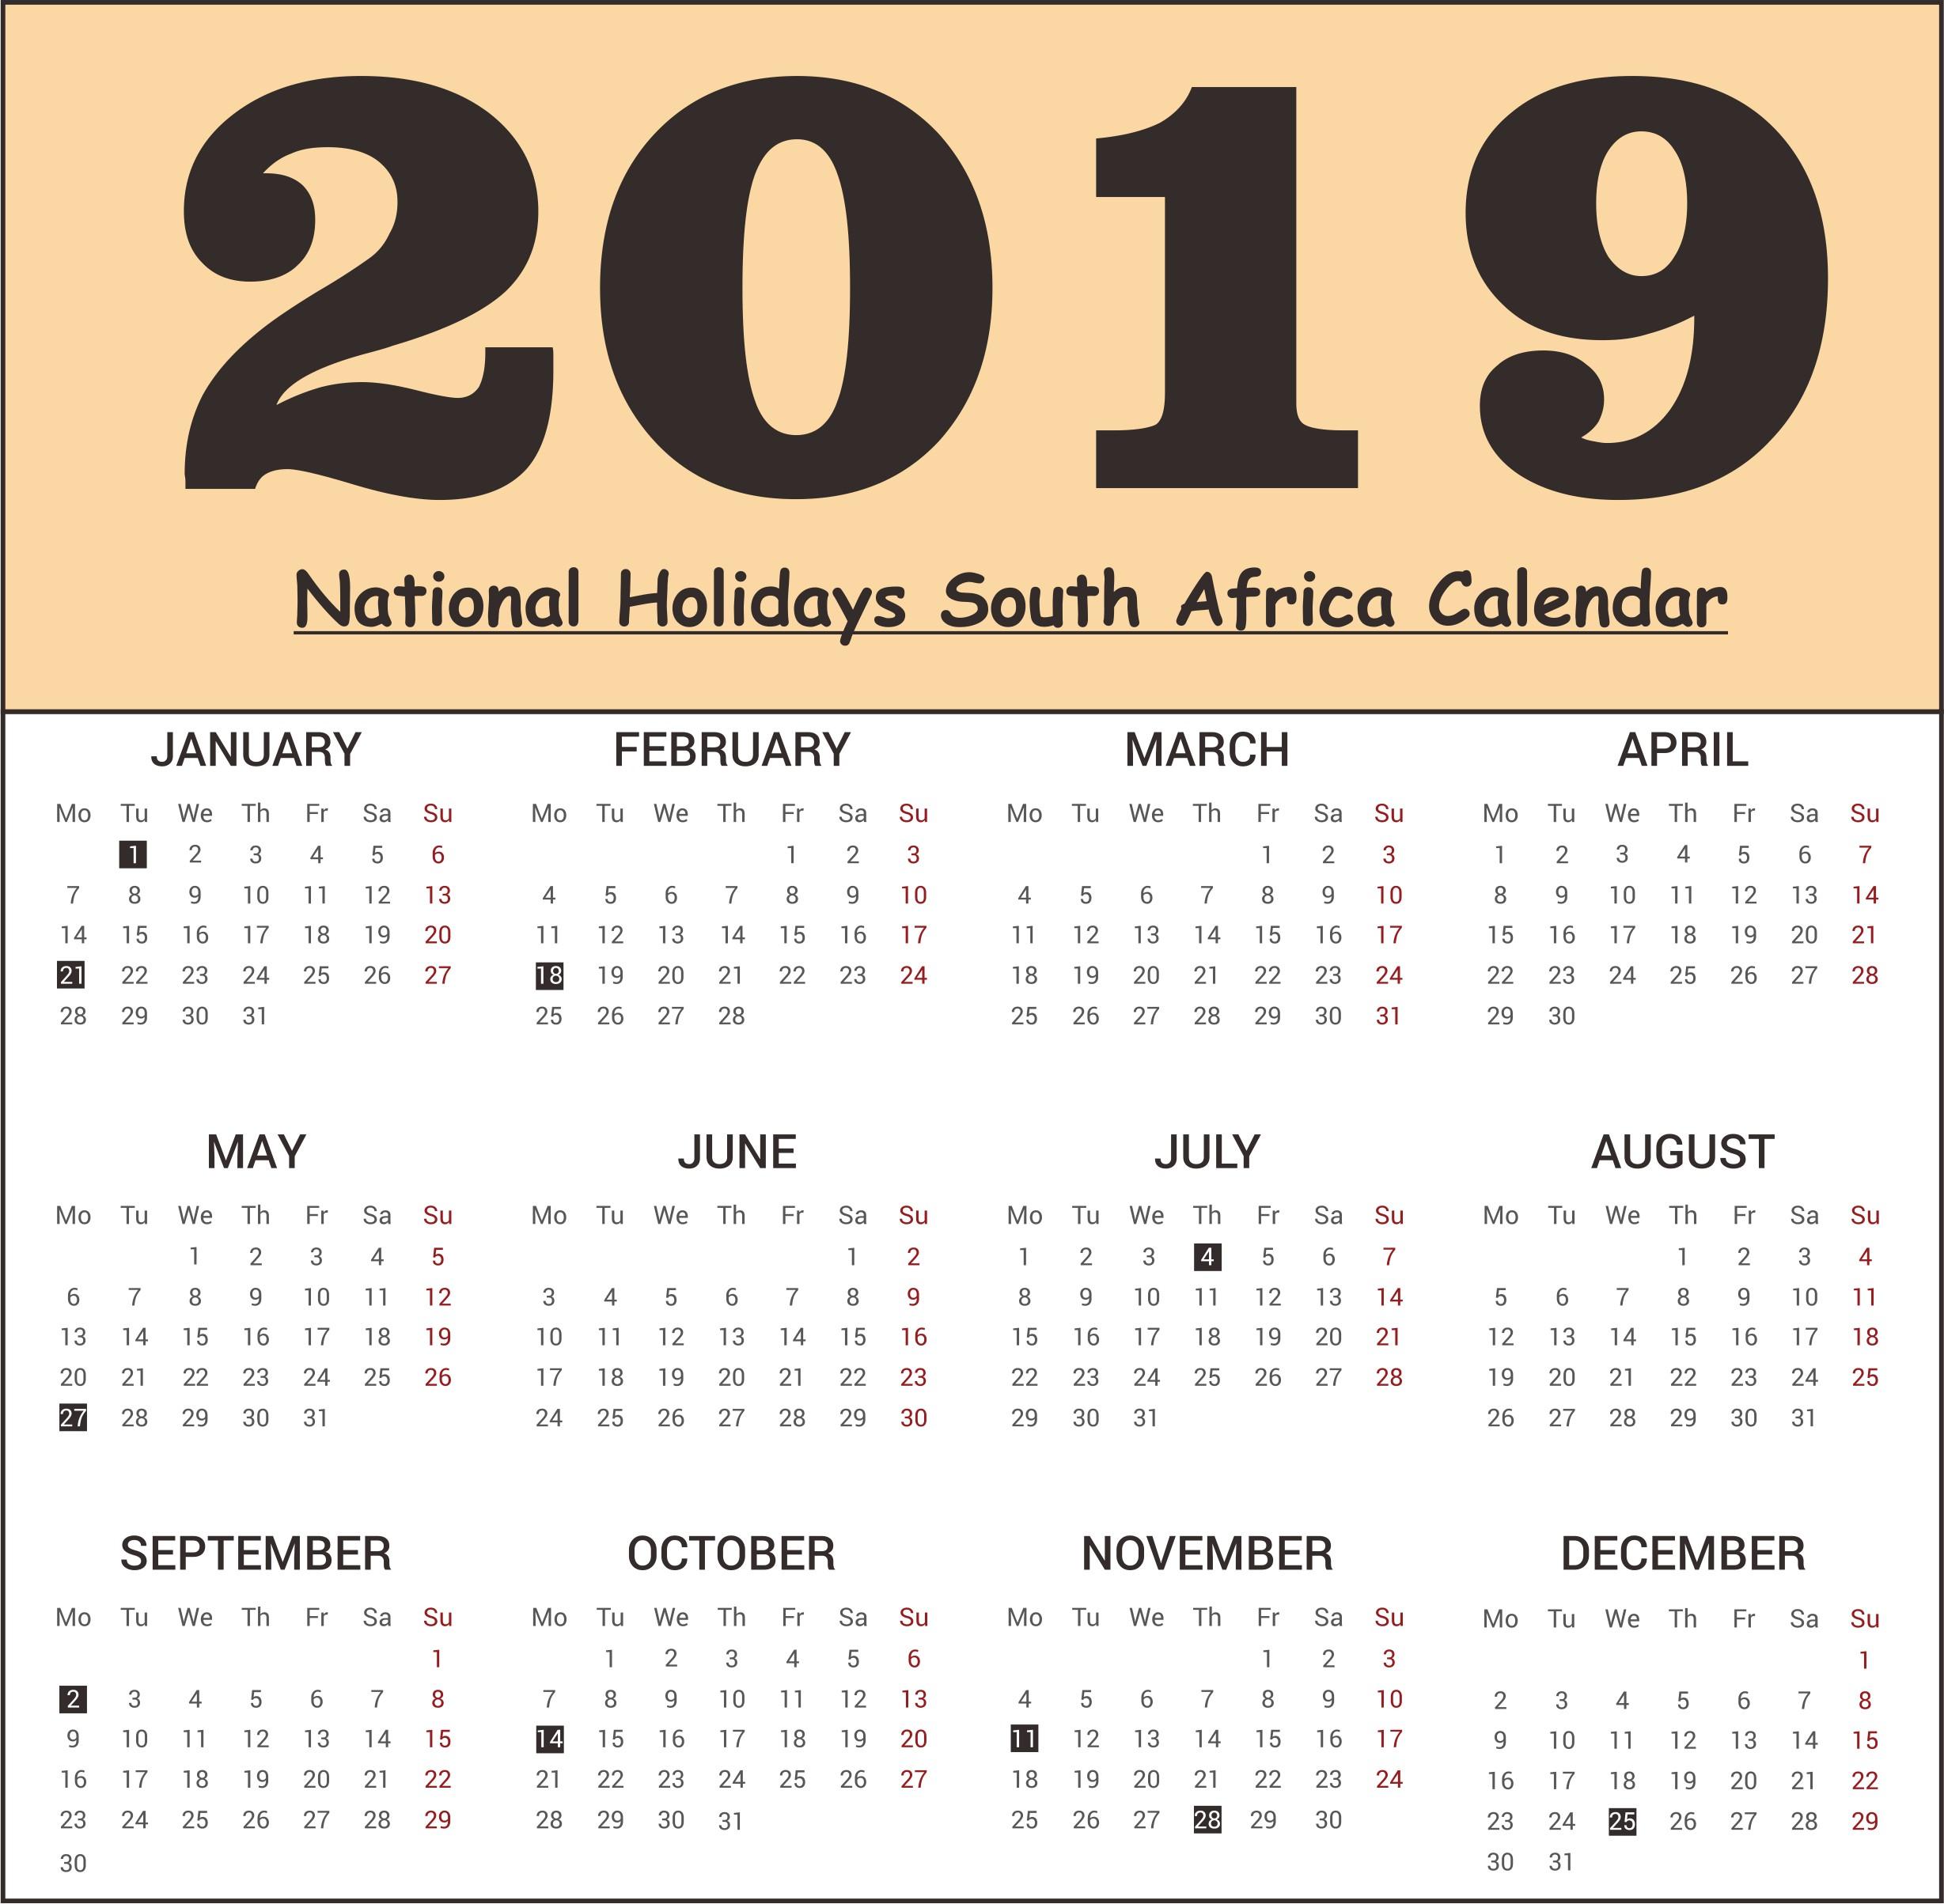 March 2019 Calendar Lala Ramswaroop Más Actual Free Calendar Template 2019 Australia Of March 2019 Calendar Lala Ramswaroop Más Caliente News Flash Connected with Lala Ramswaroop Calendar 2019 Download Pdf